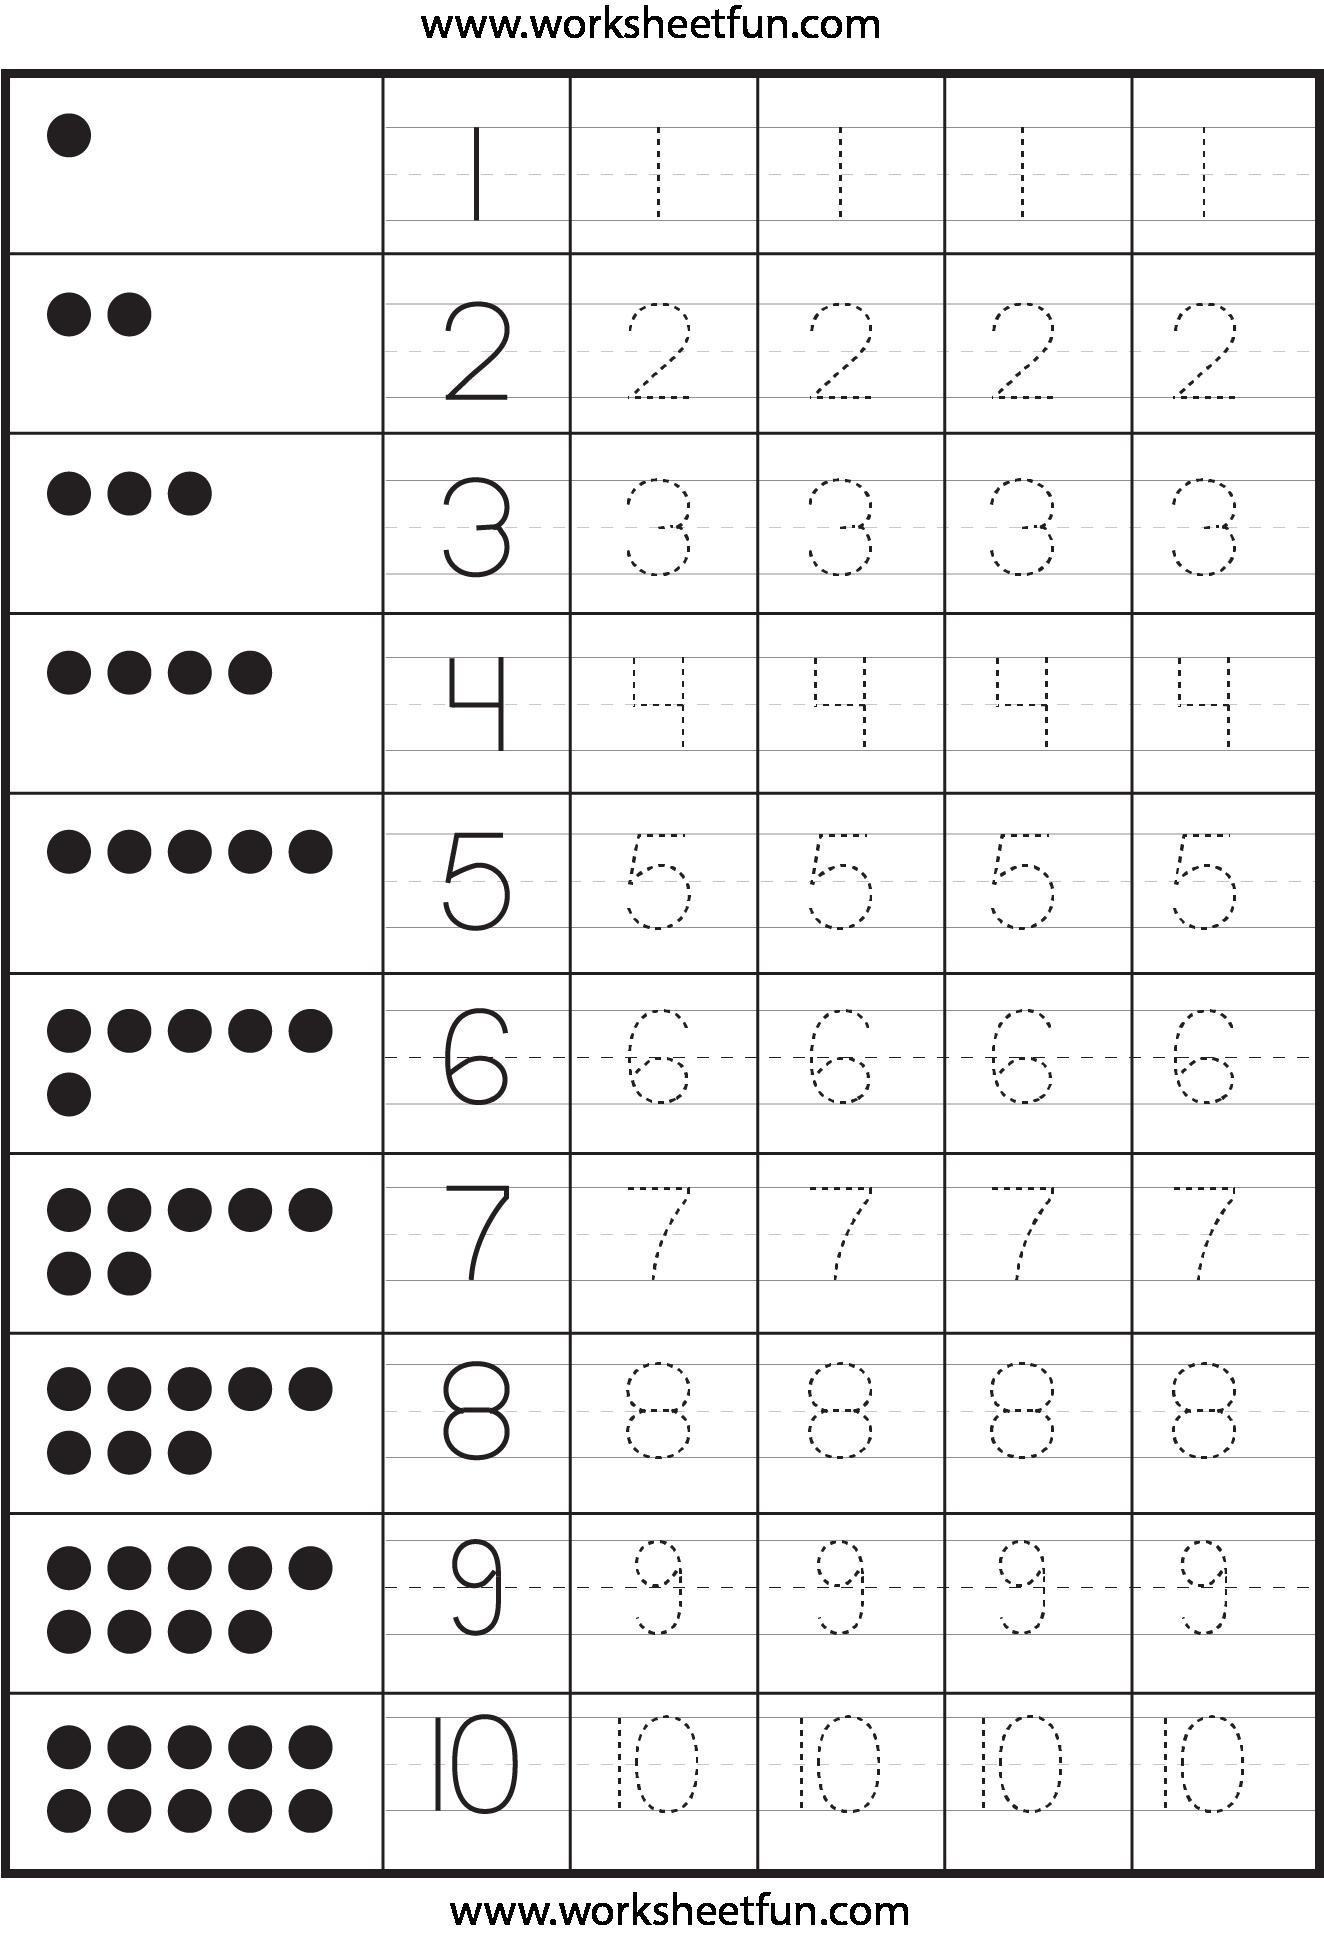 Number Tracing 1 Worksheet Free Printable Worksheets Numbers Kindergarten Writing Practice Worksheets Number Worksheets Kindergarten [ 1937 x 1324 Pixel ]